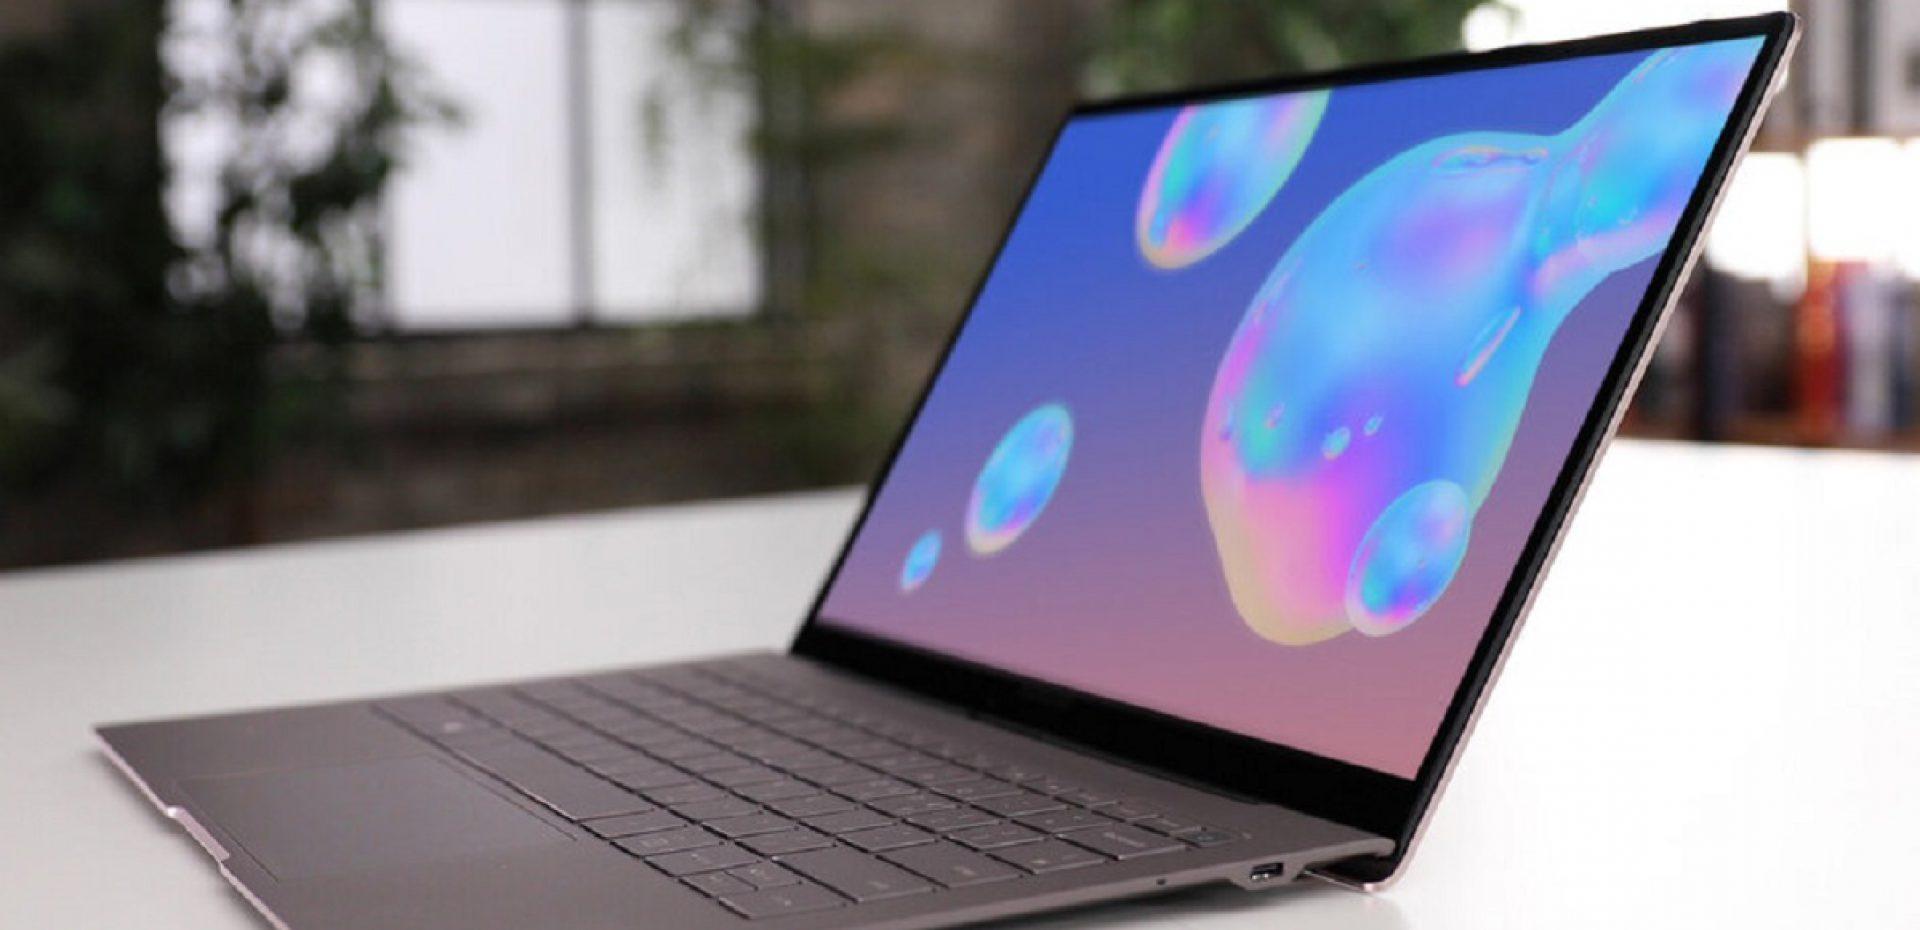 راهنمای خرید انواع لپ تاپ | معرفی نوت بوک